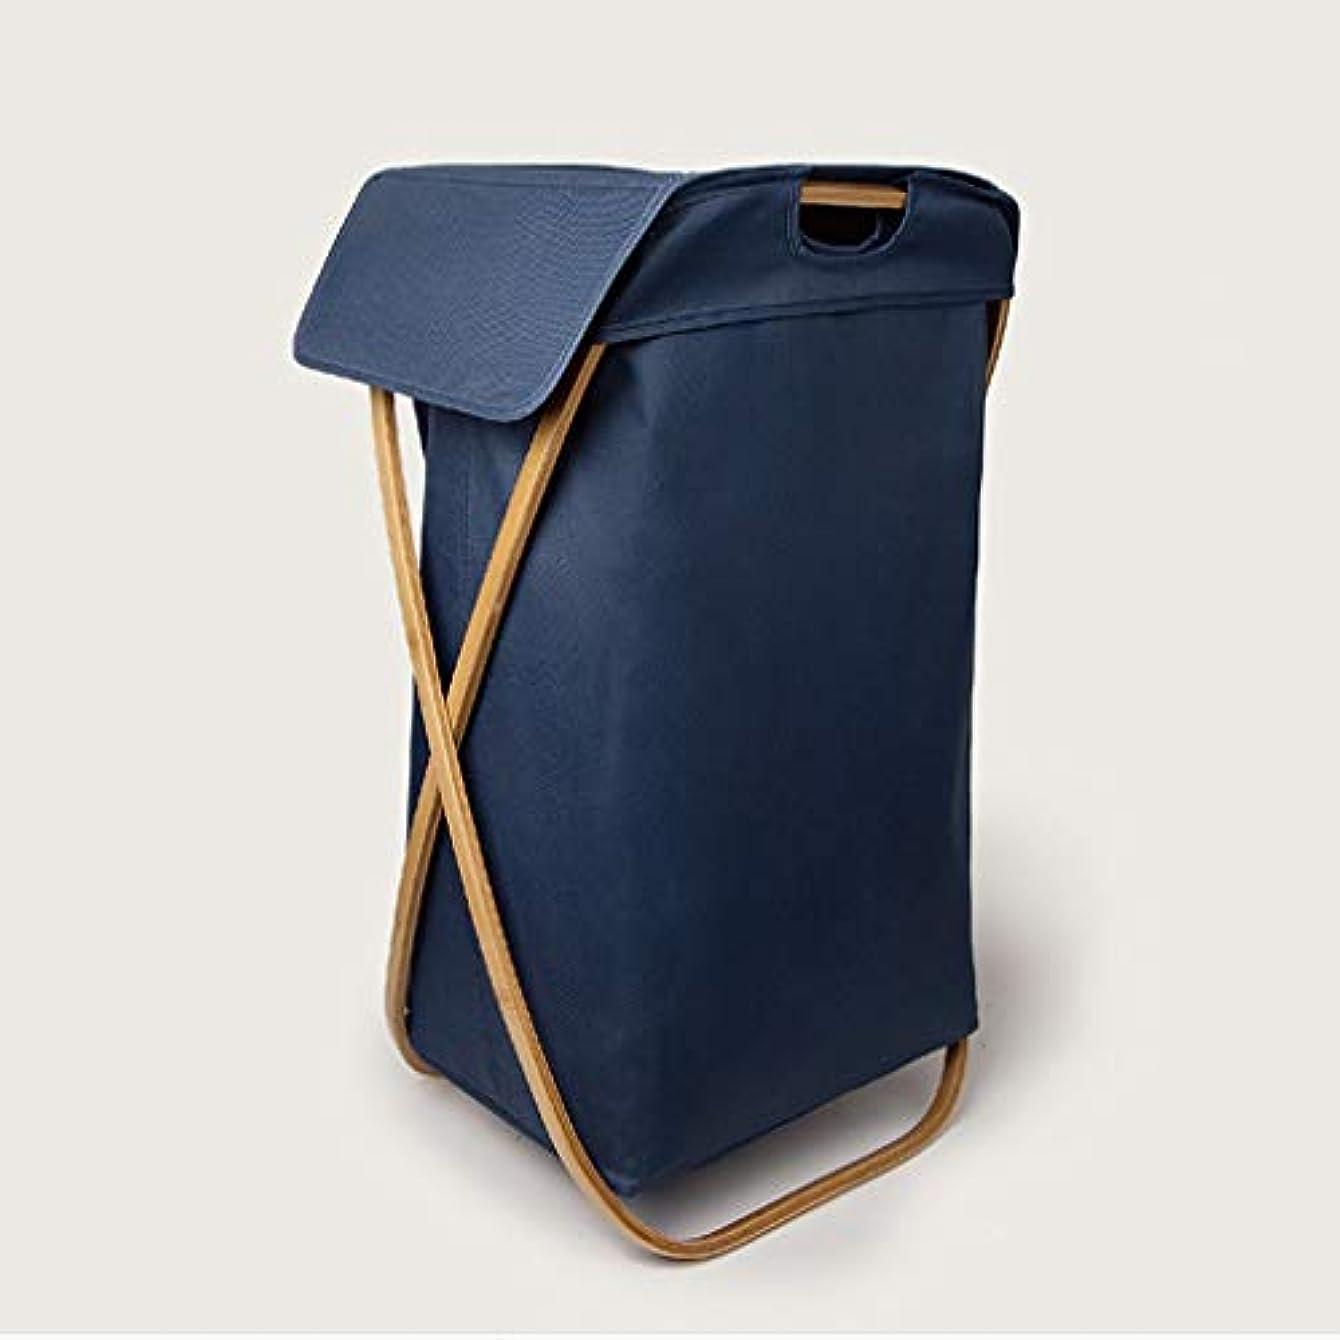 おもちゃ値ロマンチック折りたたみ式大型防水収納バスケット、オックスフォード素材の蓋デザイン、青と白 SMMRB (色 : 青)